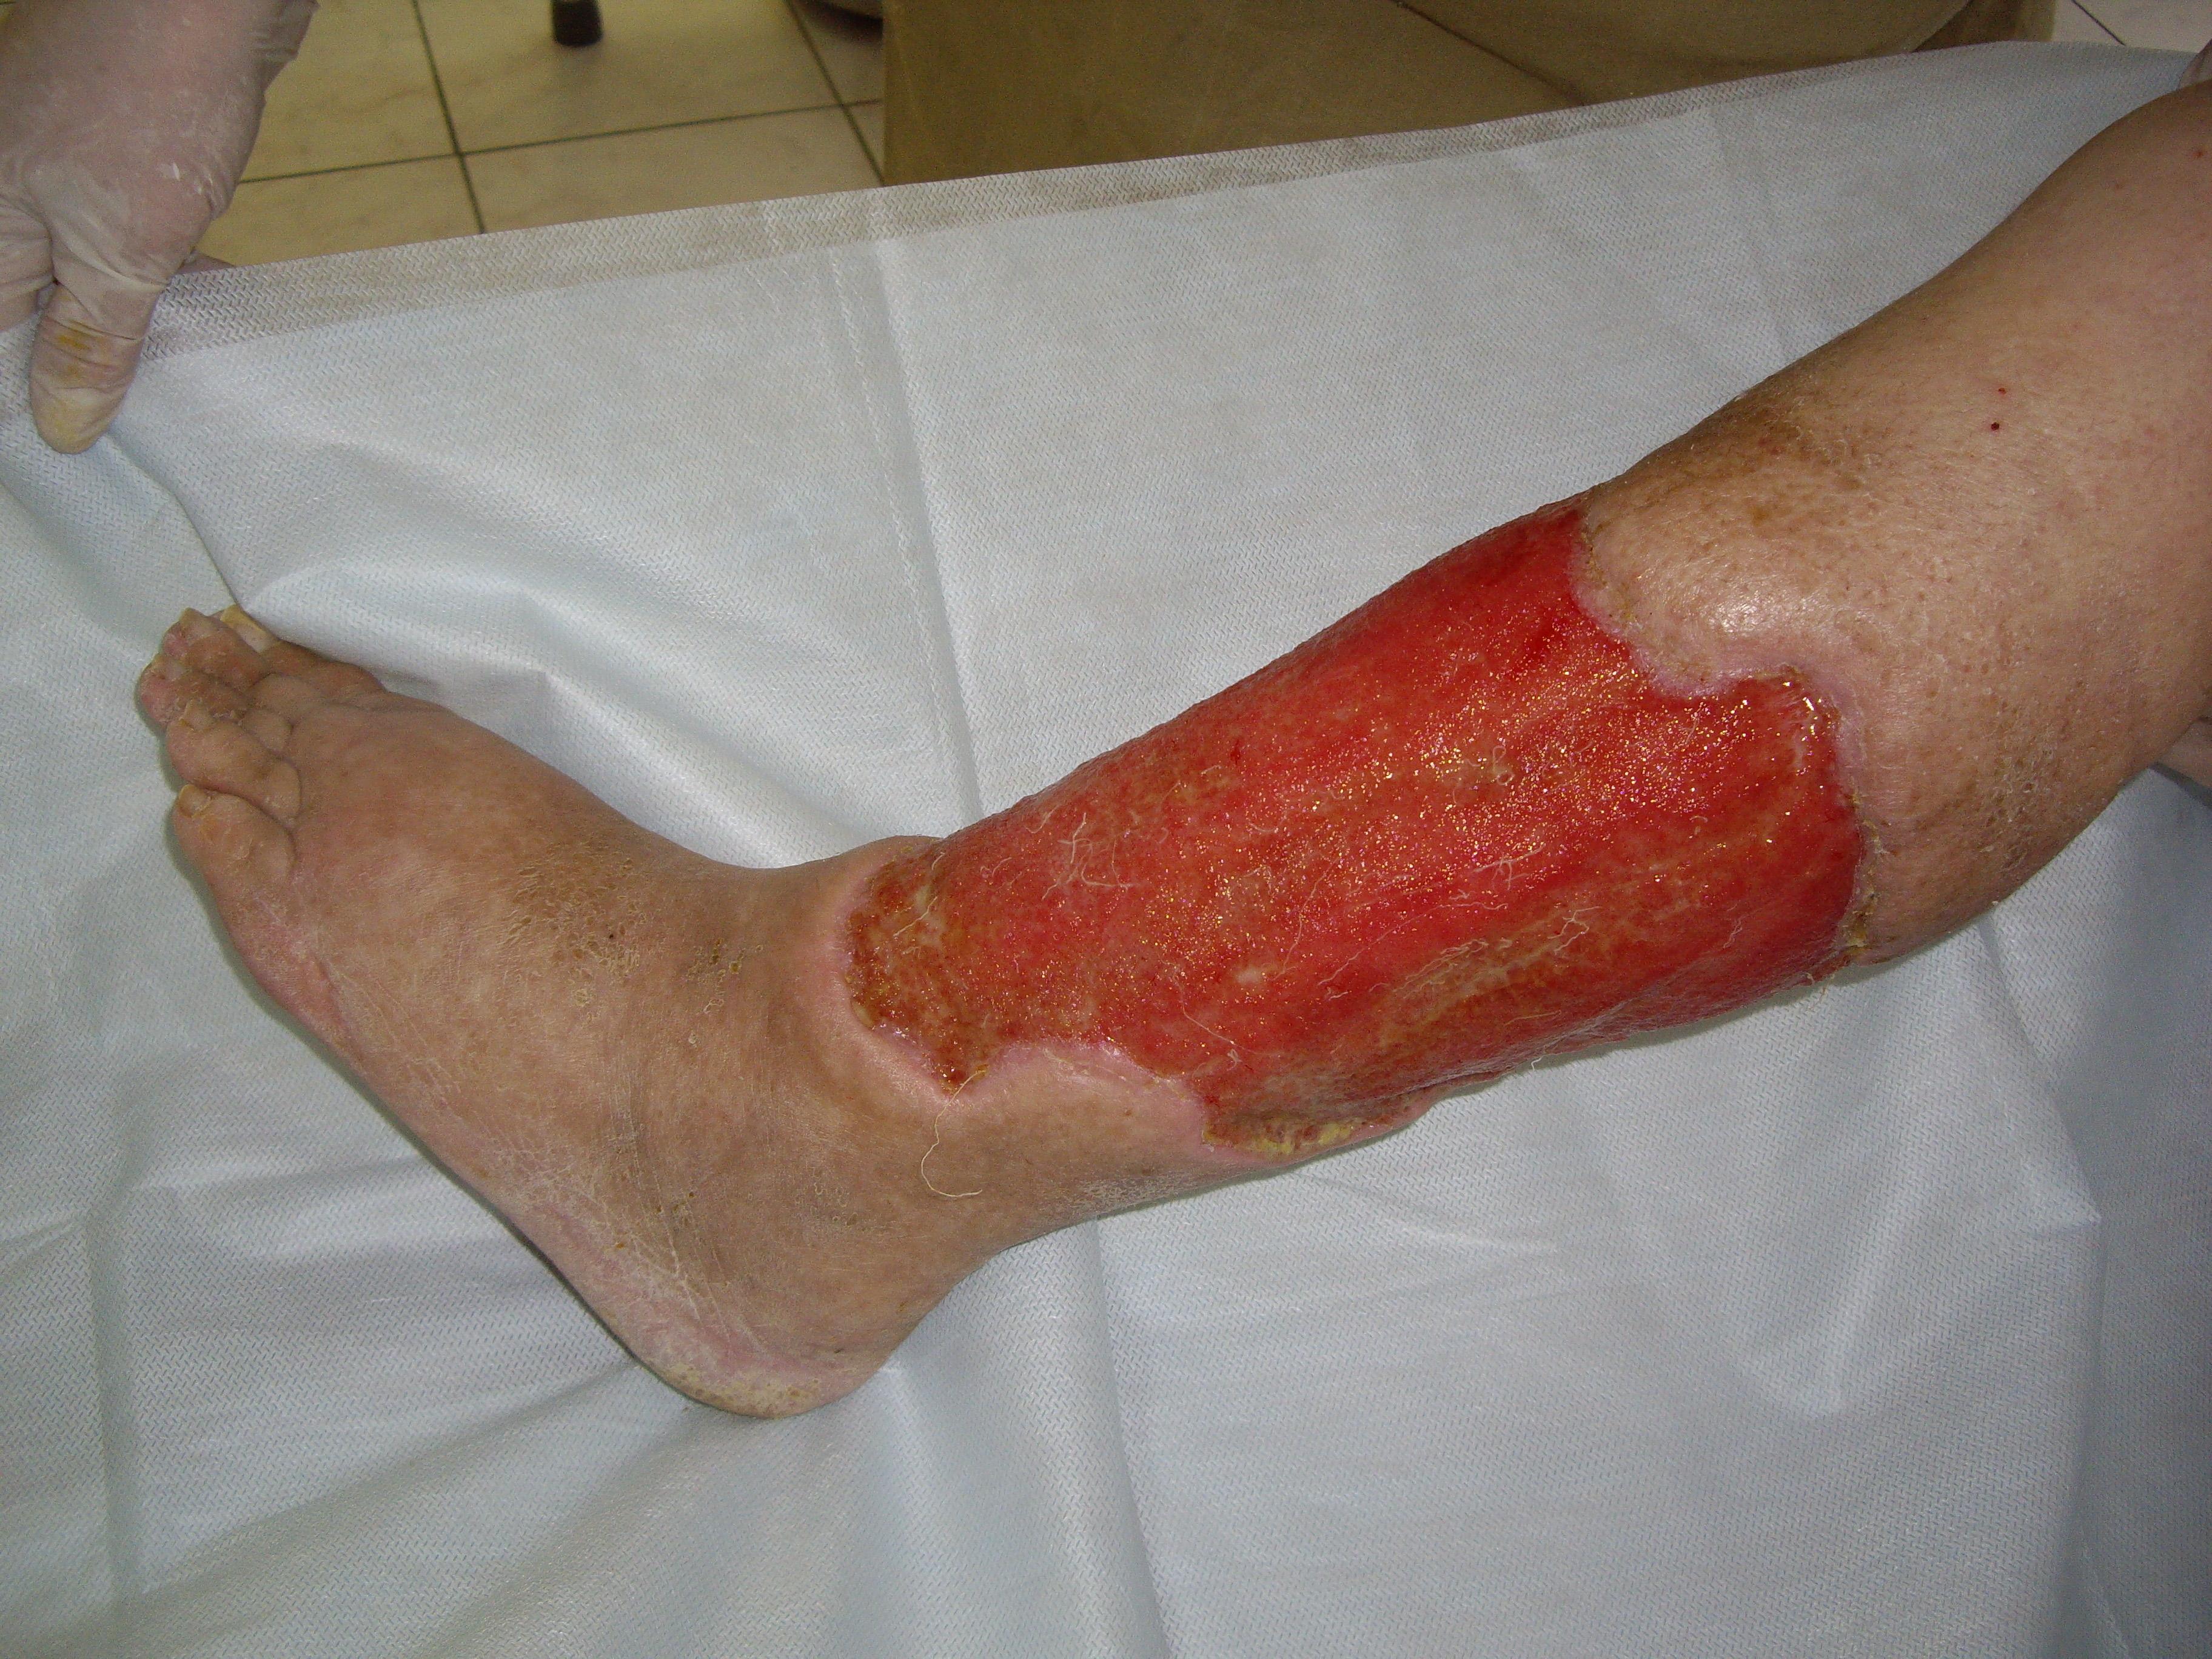 кожное заболевание фото рожа